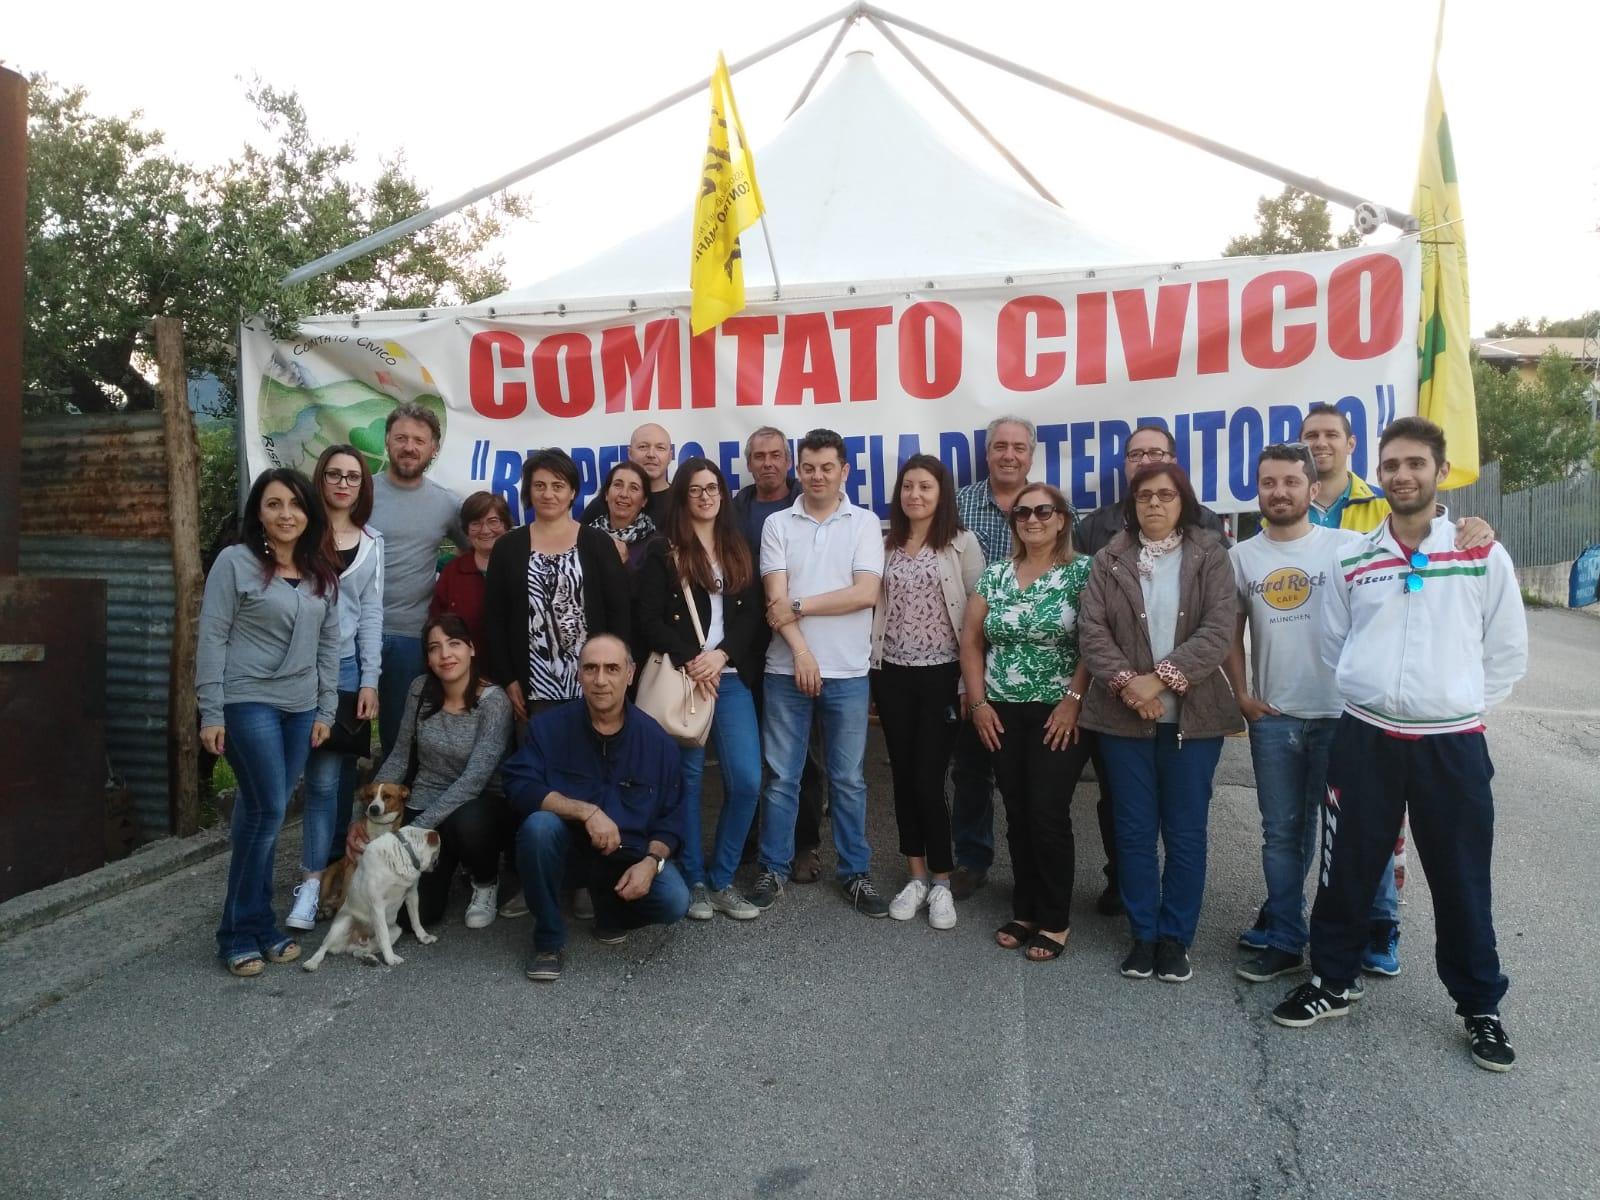 Il Comitato Civico di Sassinoro riceve l'appoggio del neo sindaco di Morcone nella lotta contro il sito di compostaggio